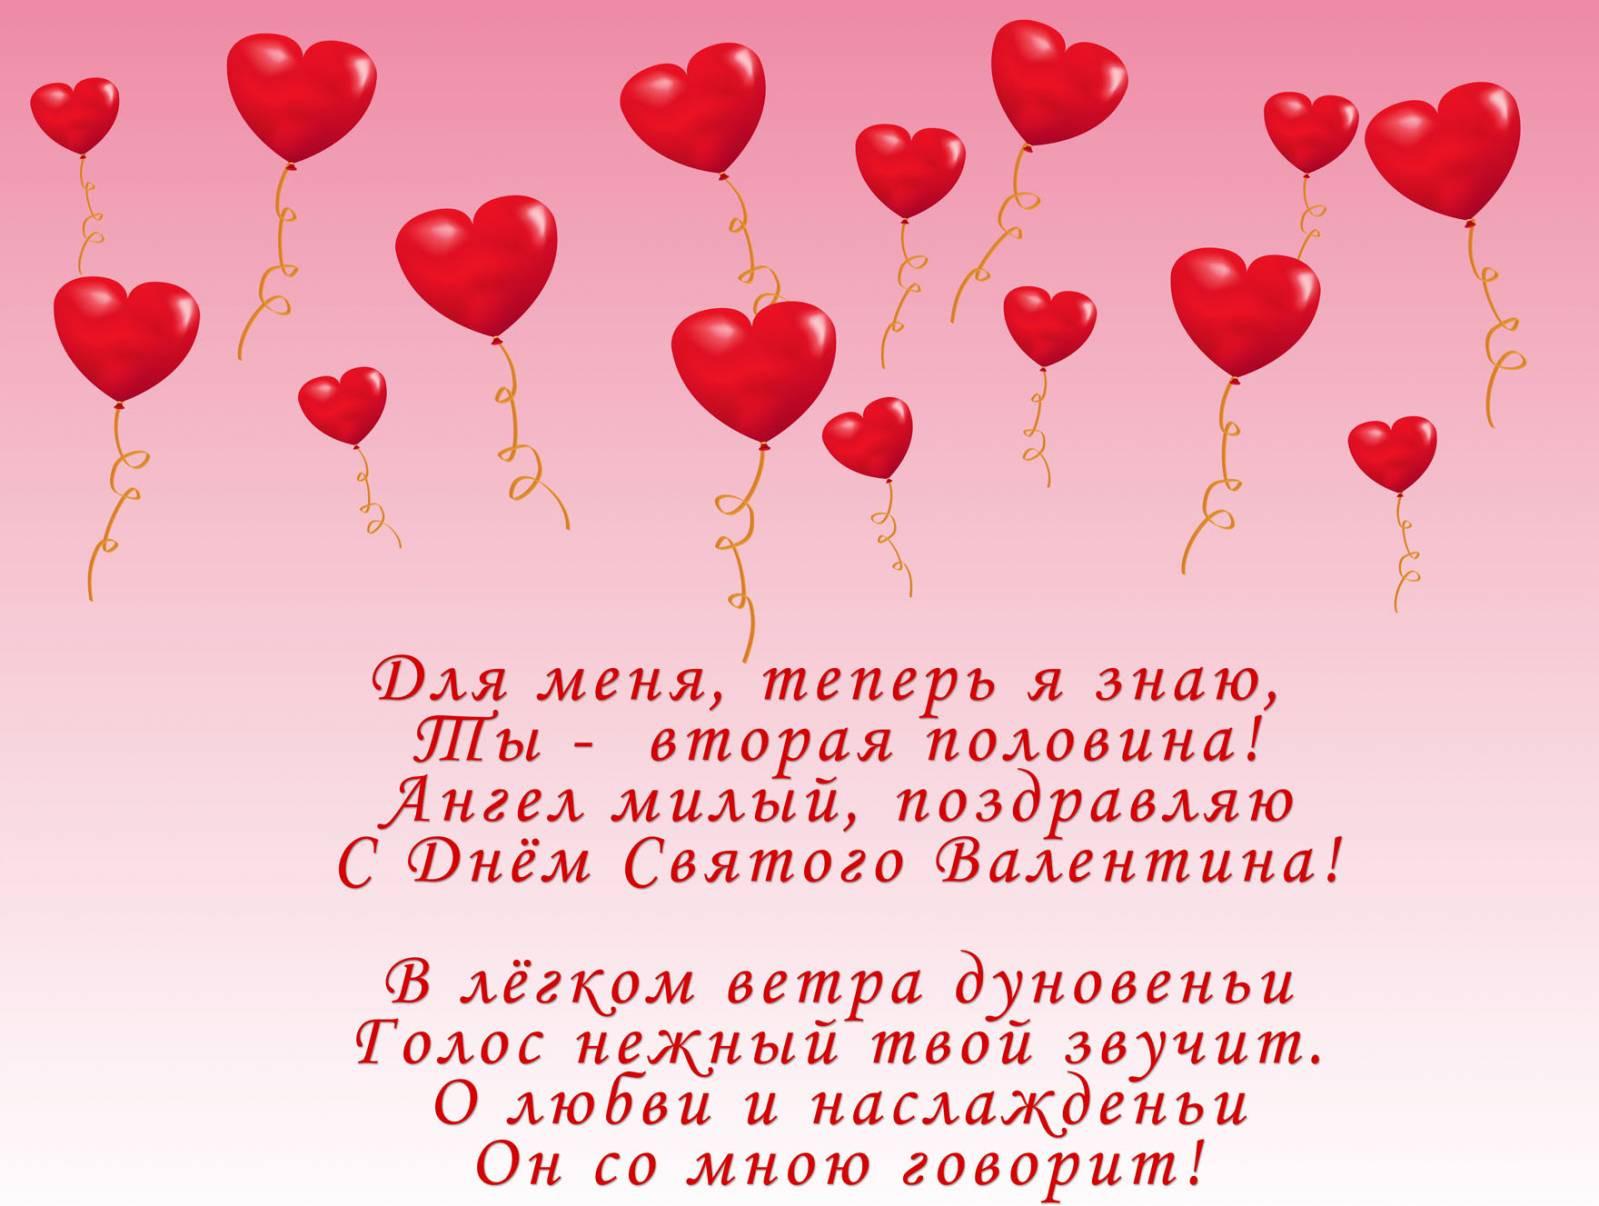 Открытки на 14 февраля стихи